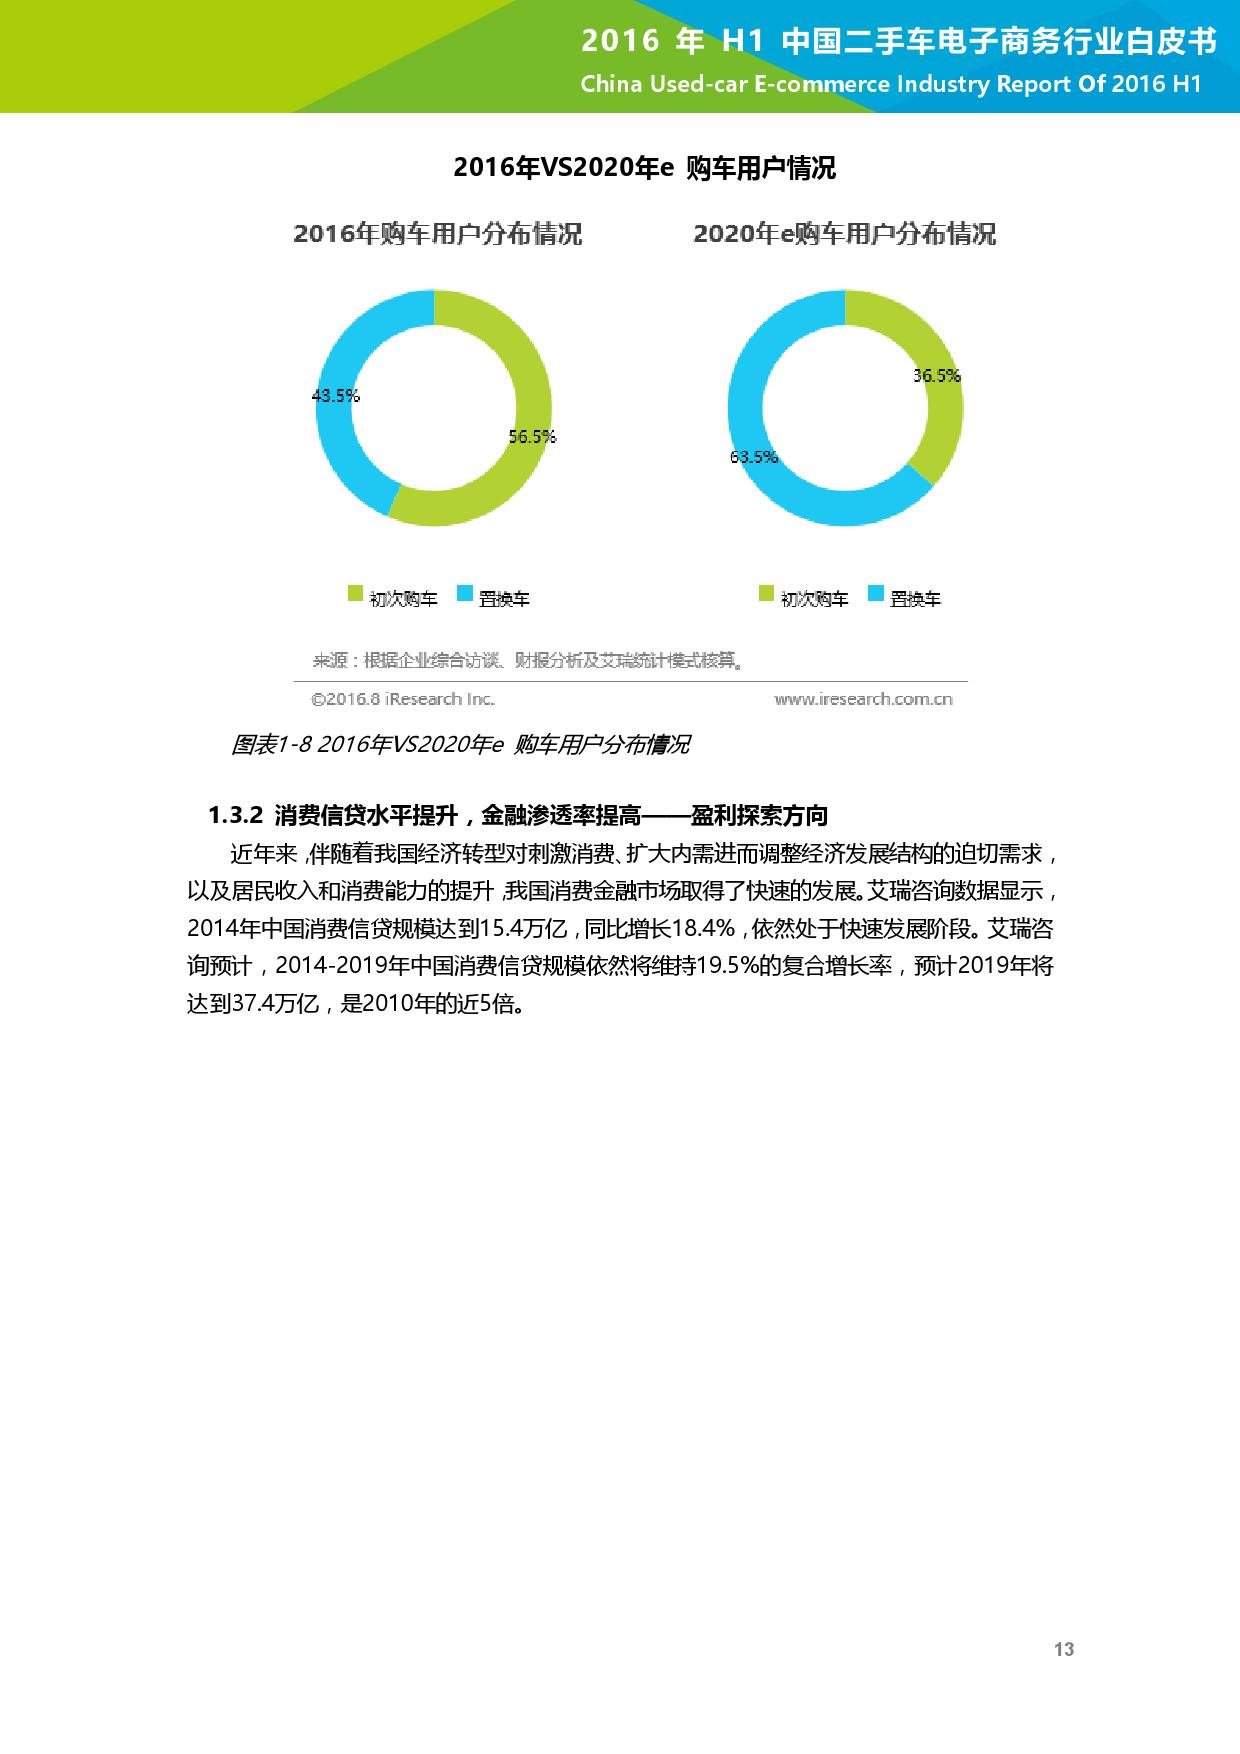 2016年H1中国二手车电子商务行业白皮书_000014